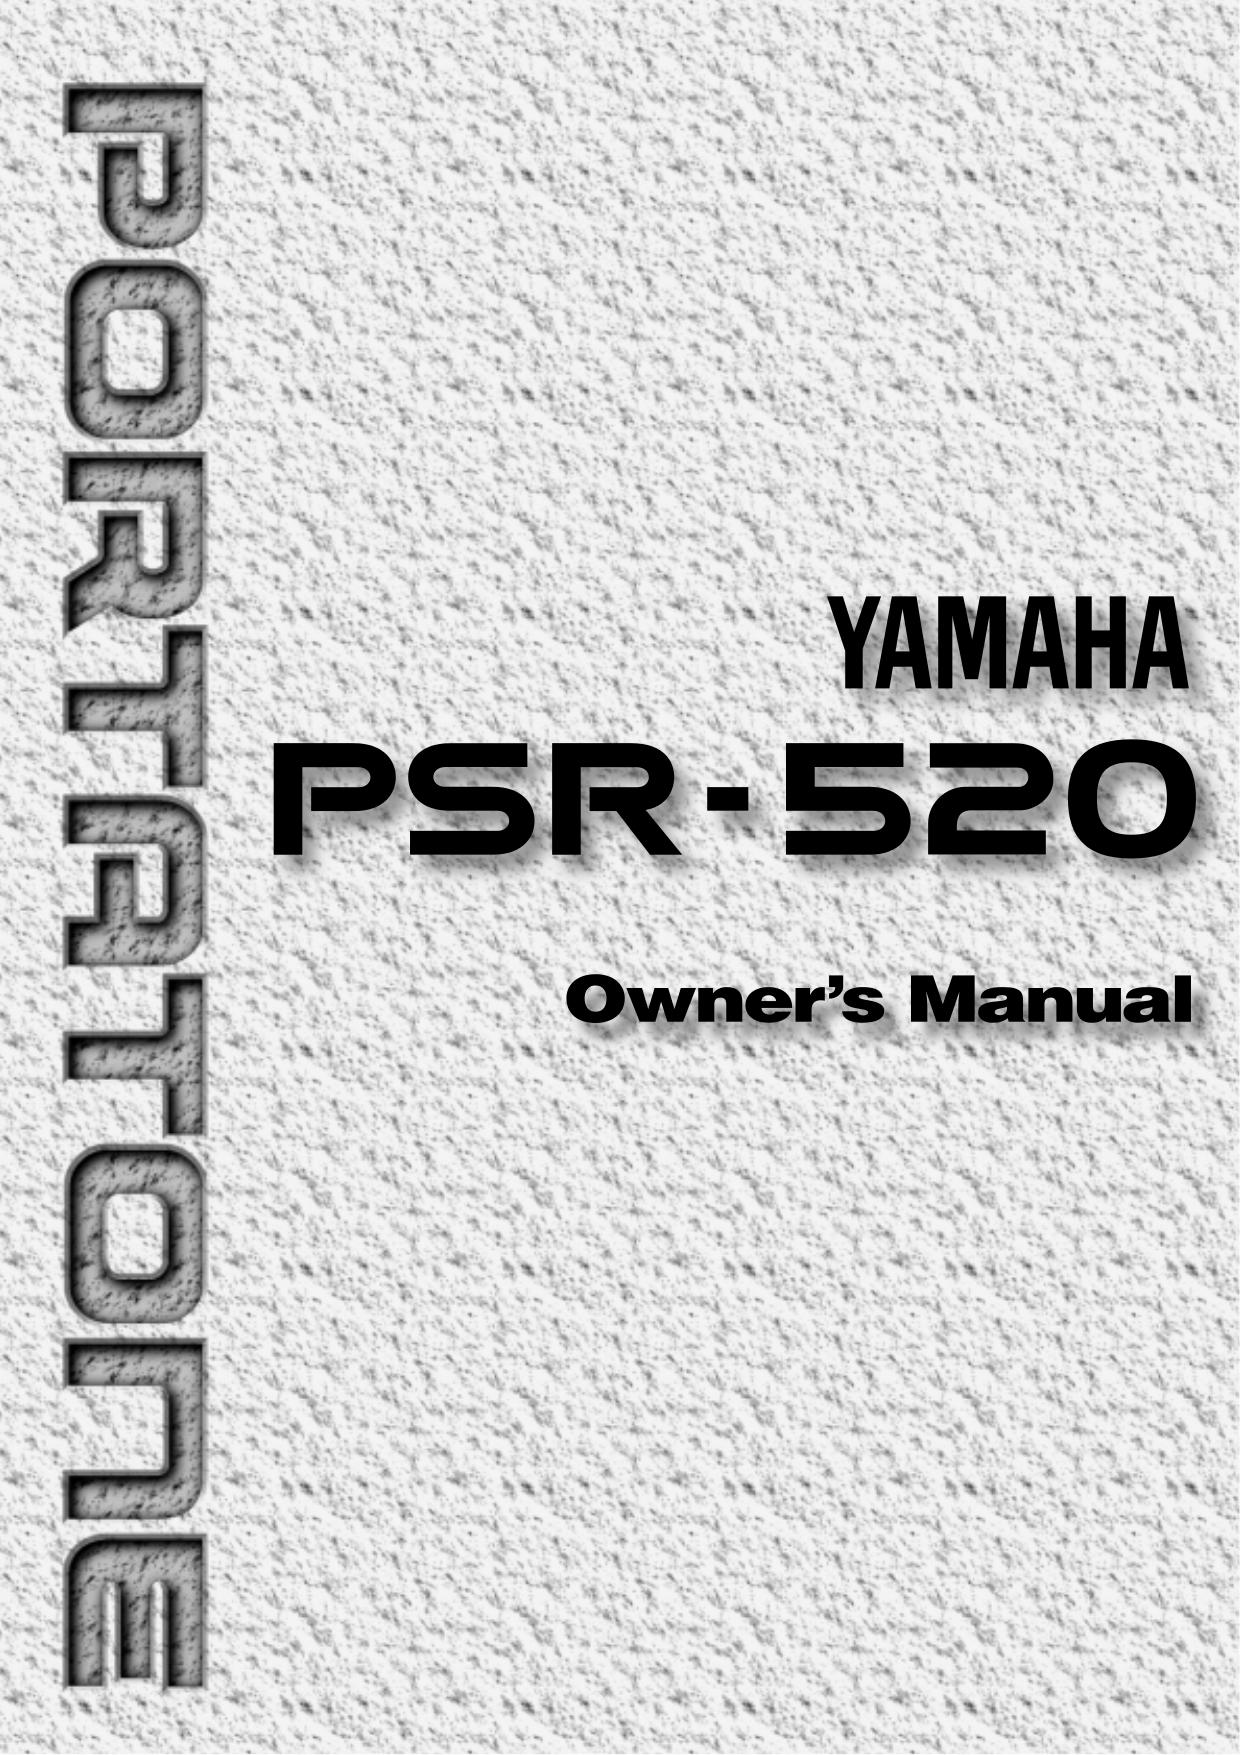 Download free pdf for Yamaha PSR-60 Music Keyboard manual